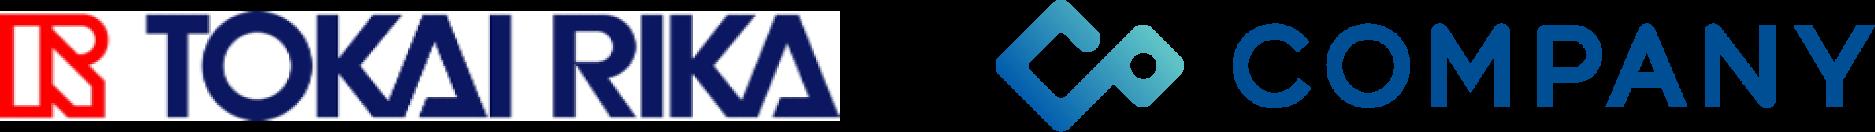 自動車部品国内トップメーカーの東海理化 「COMPANY」のスマートデバイス機能を活用し7,000名の給与明細照会を1か月で電子化